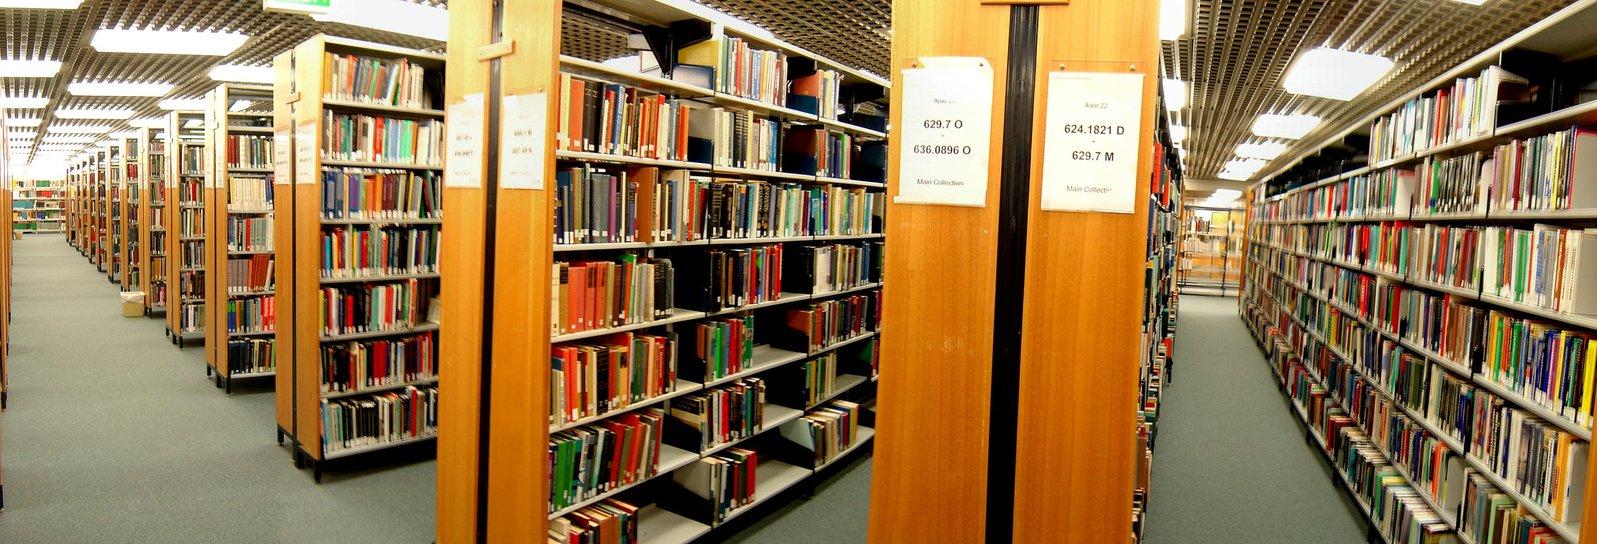 Estantes em uma biblioteca com vários livros